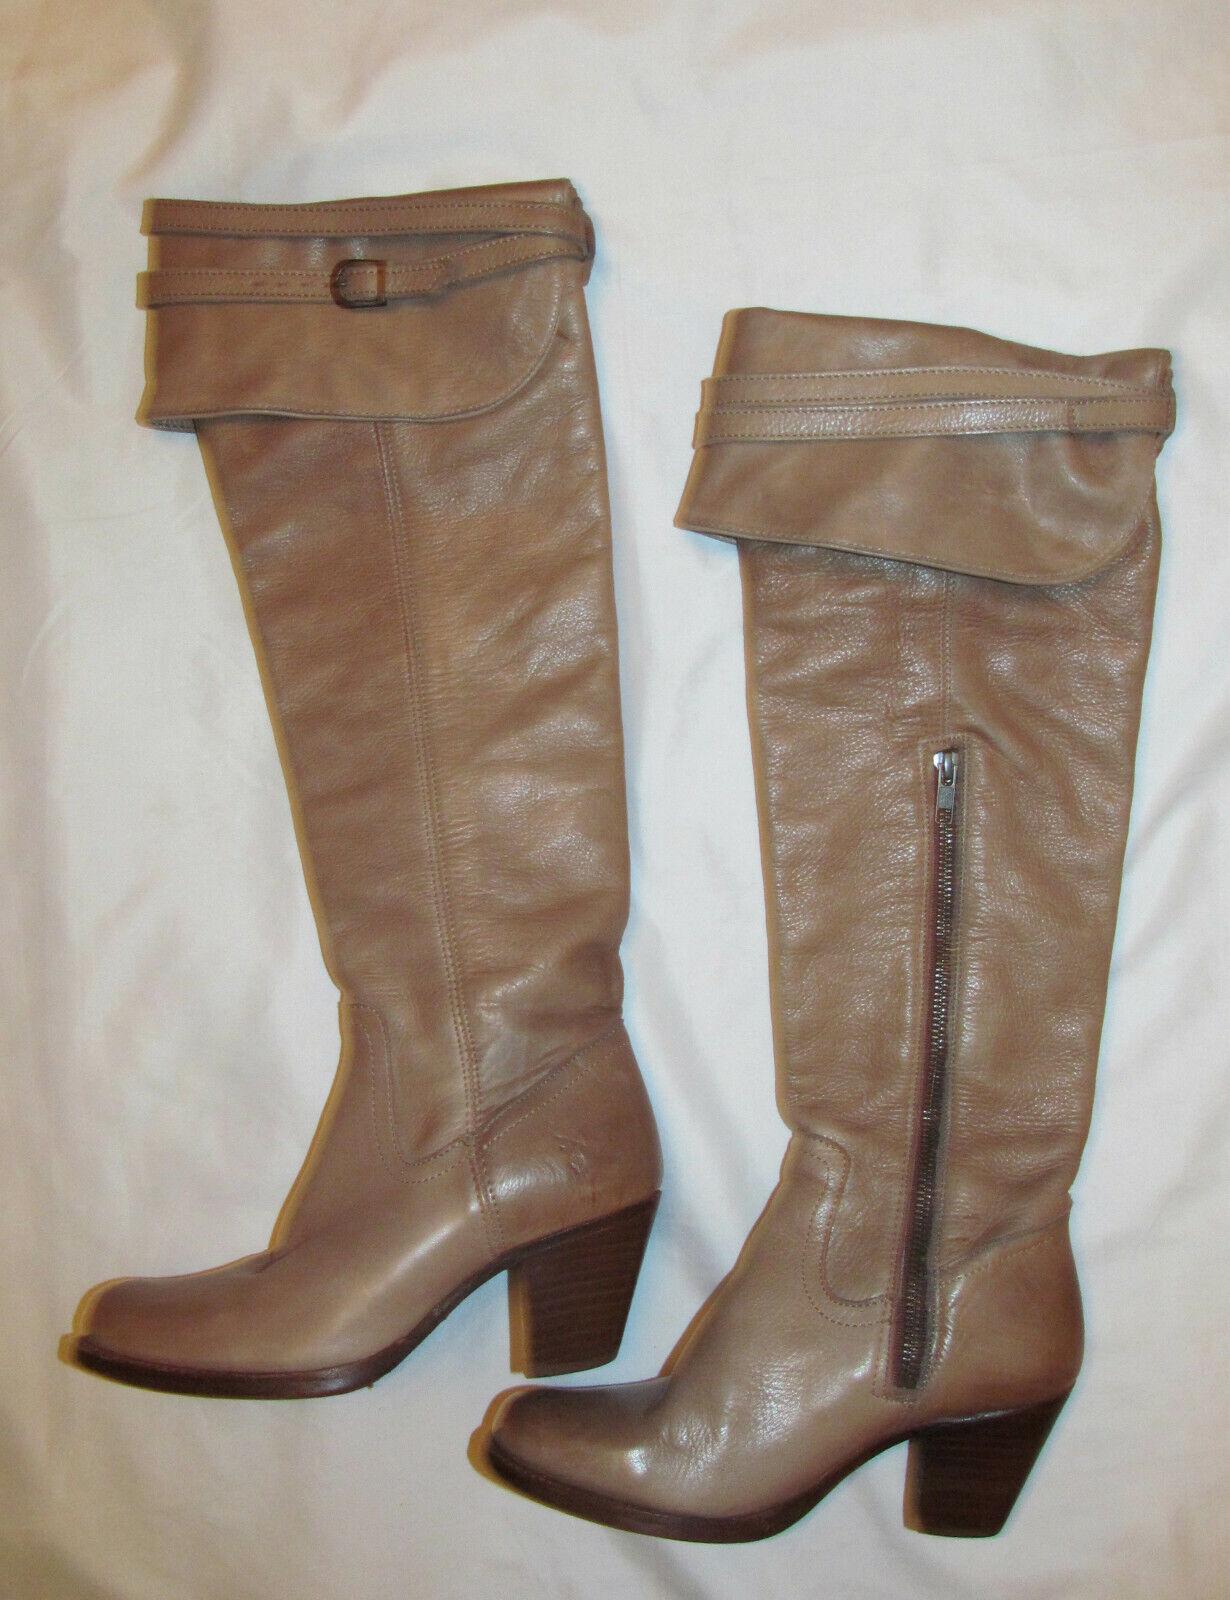 FRYE SARAH OVER THE KNEE OTK tan beige foldover zip heeled boots 5.5 M